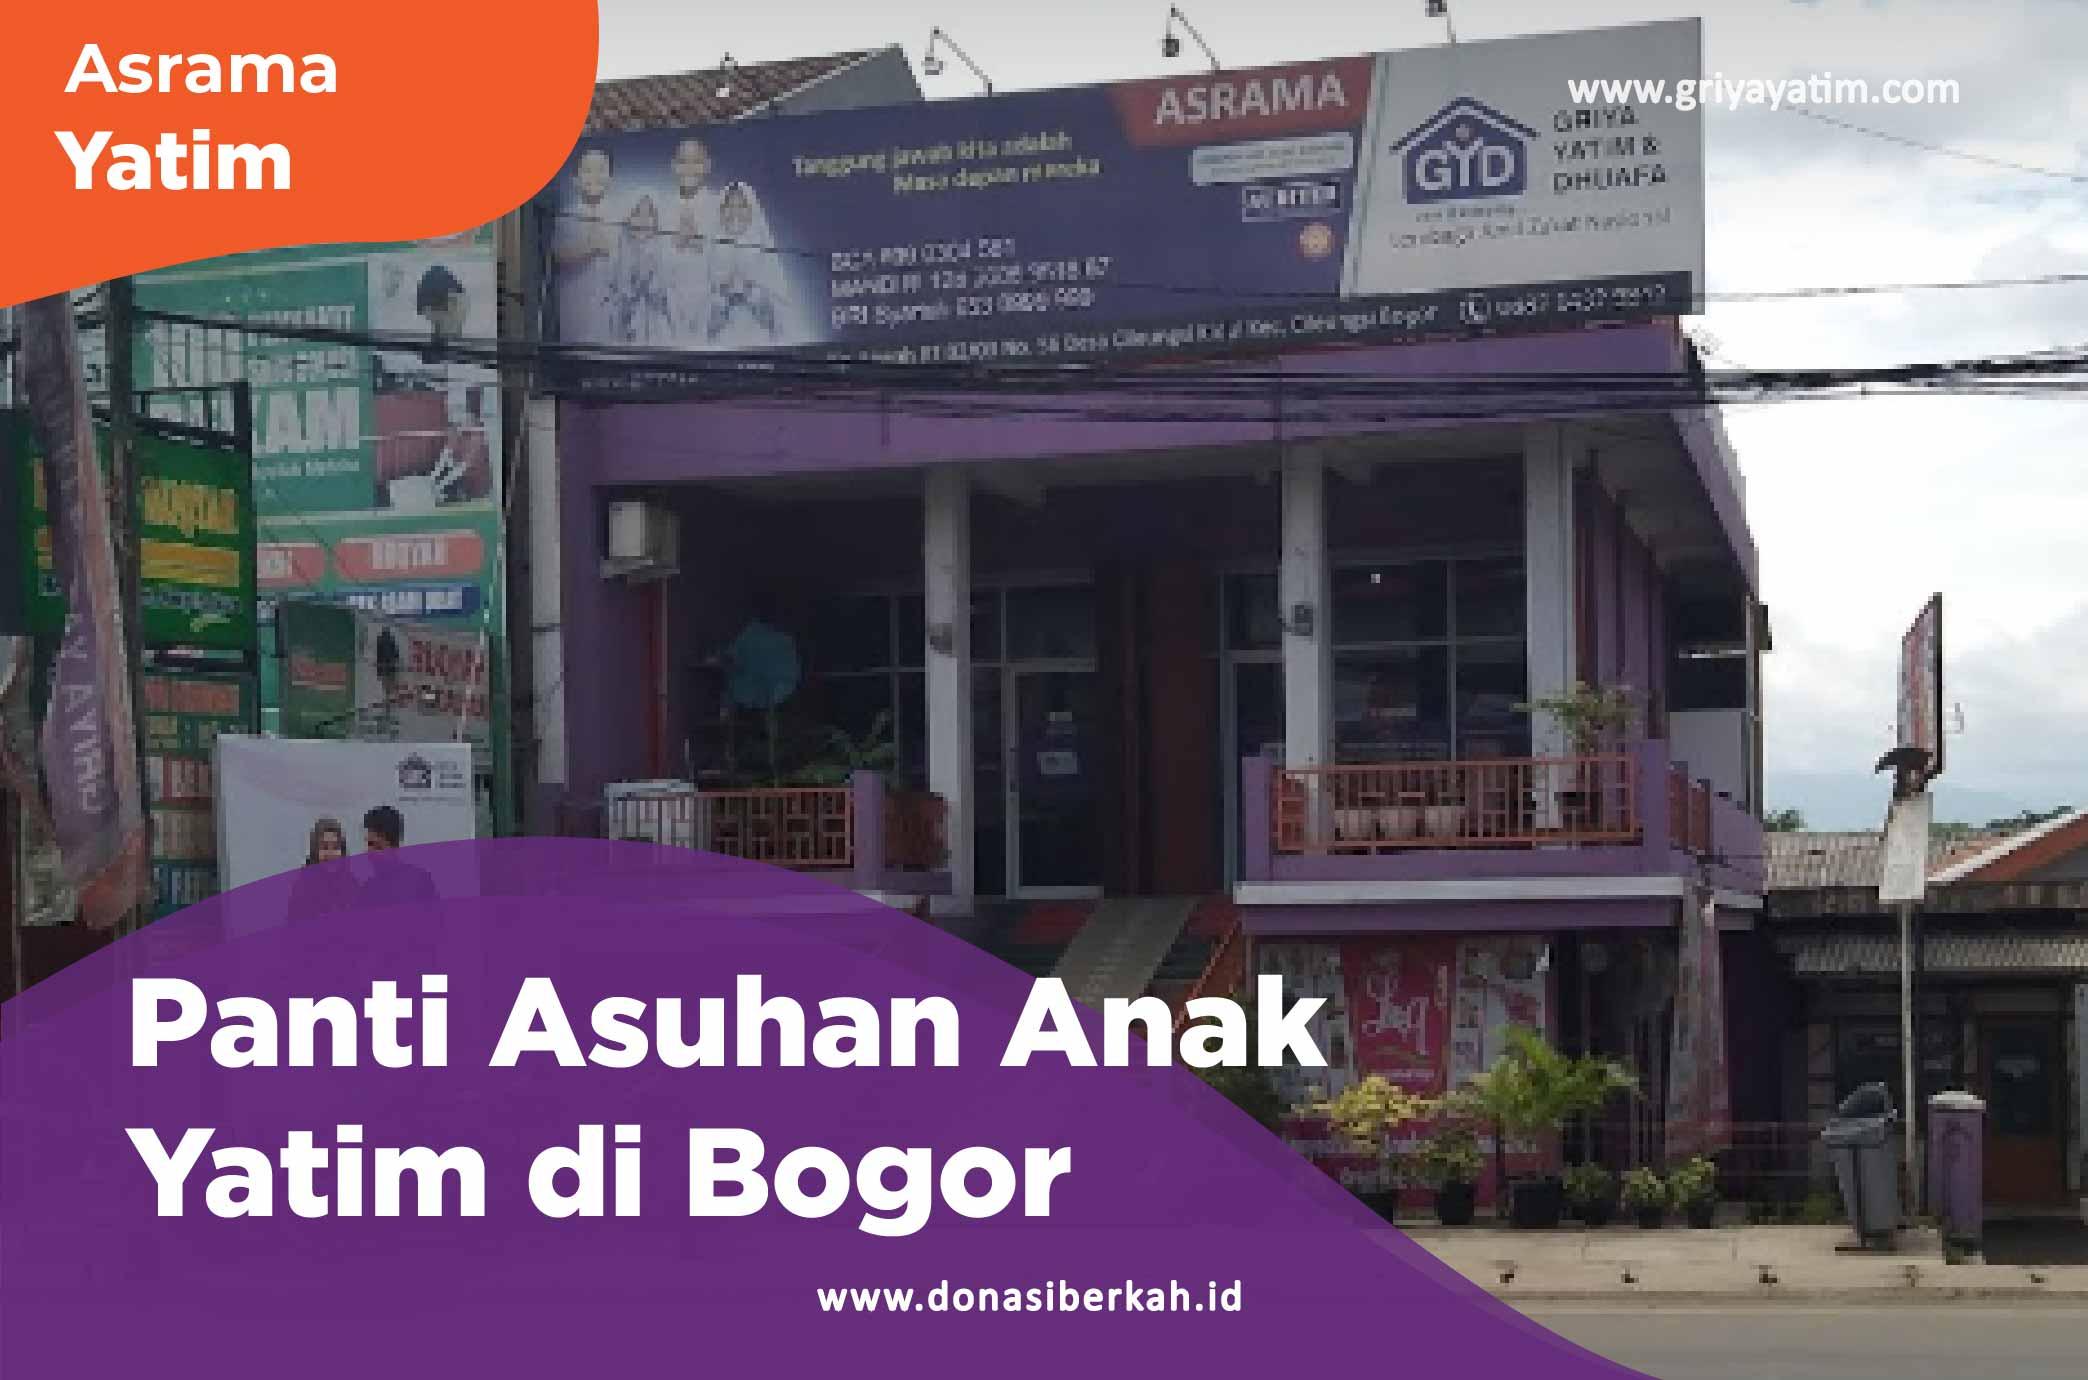 Panti Asuhan Anak Yatim di Bogor